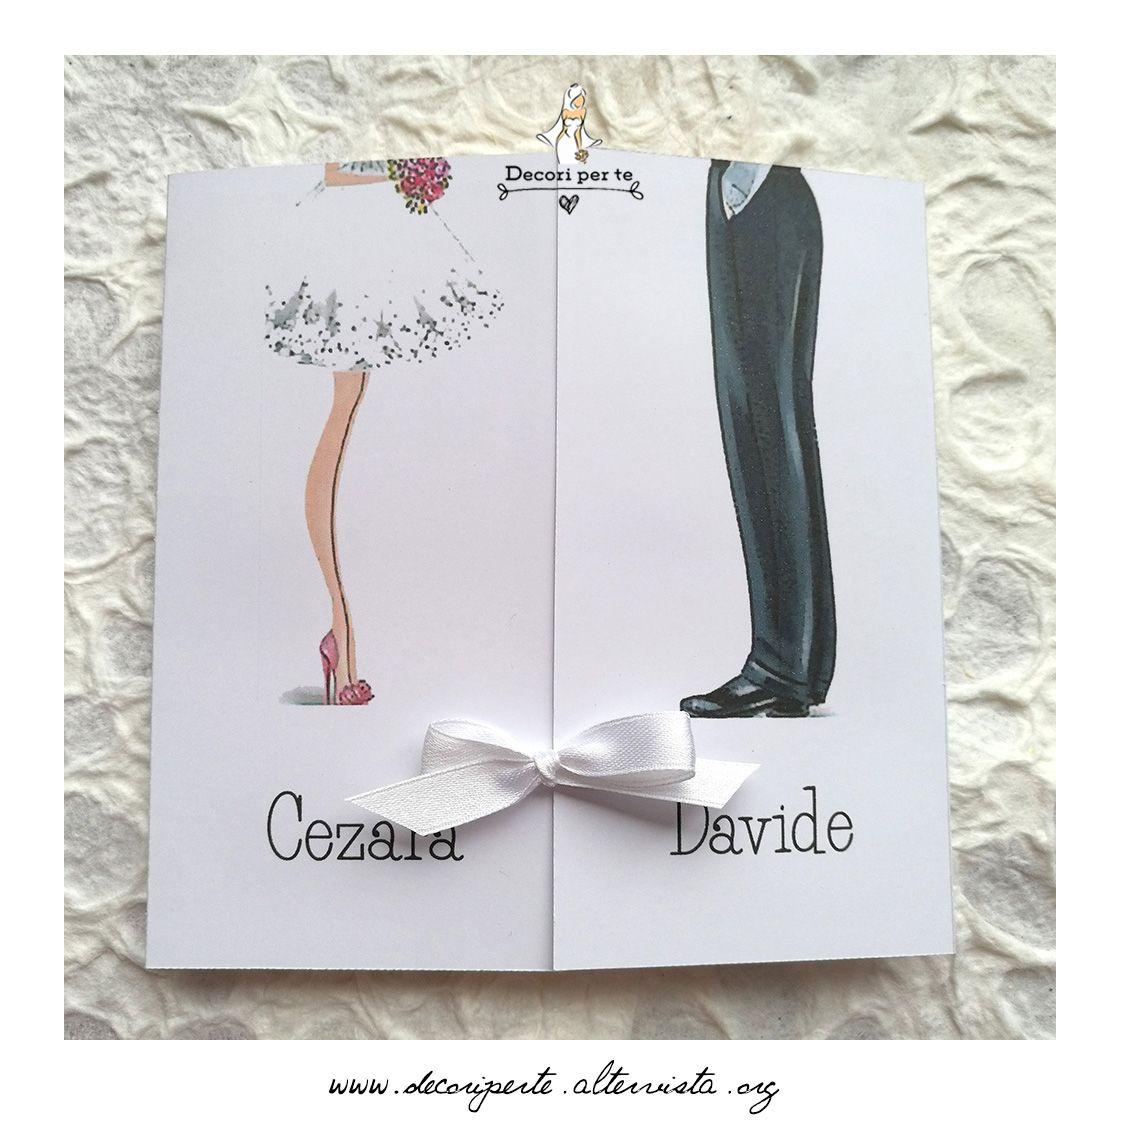 Partecipazioni Matrimonio Disegno Sposa E Sposo Wedding Invitations Bride And Groom Shoes Auguri Di Nozze Matrimonio Nozze